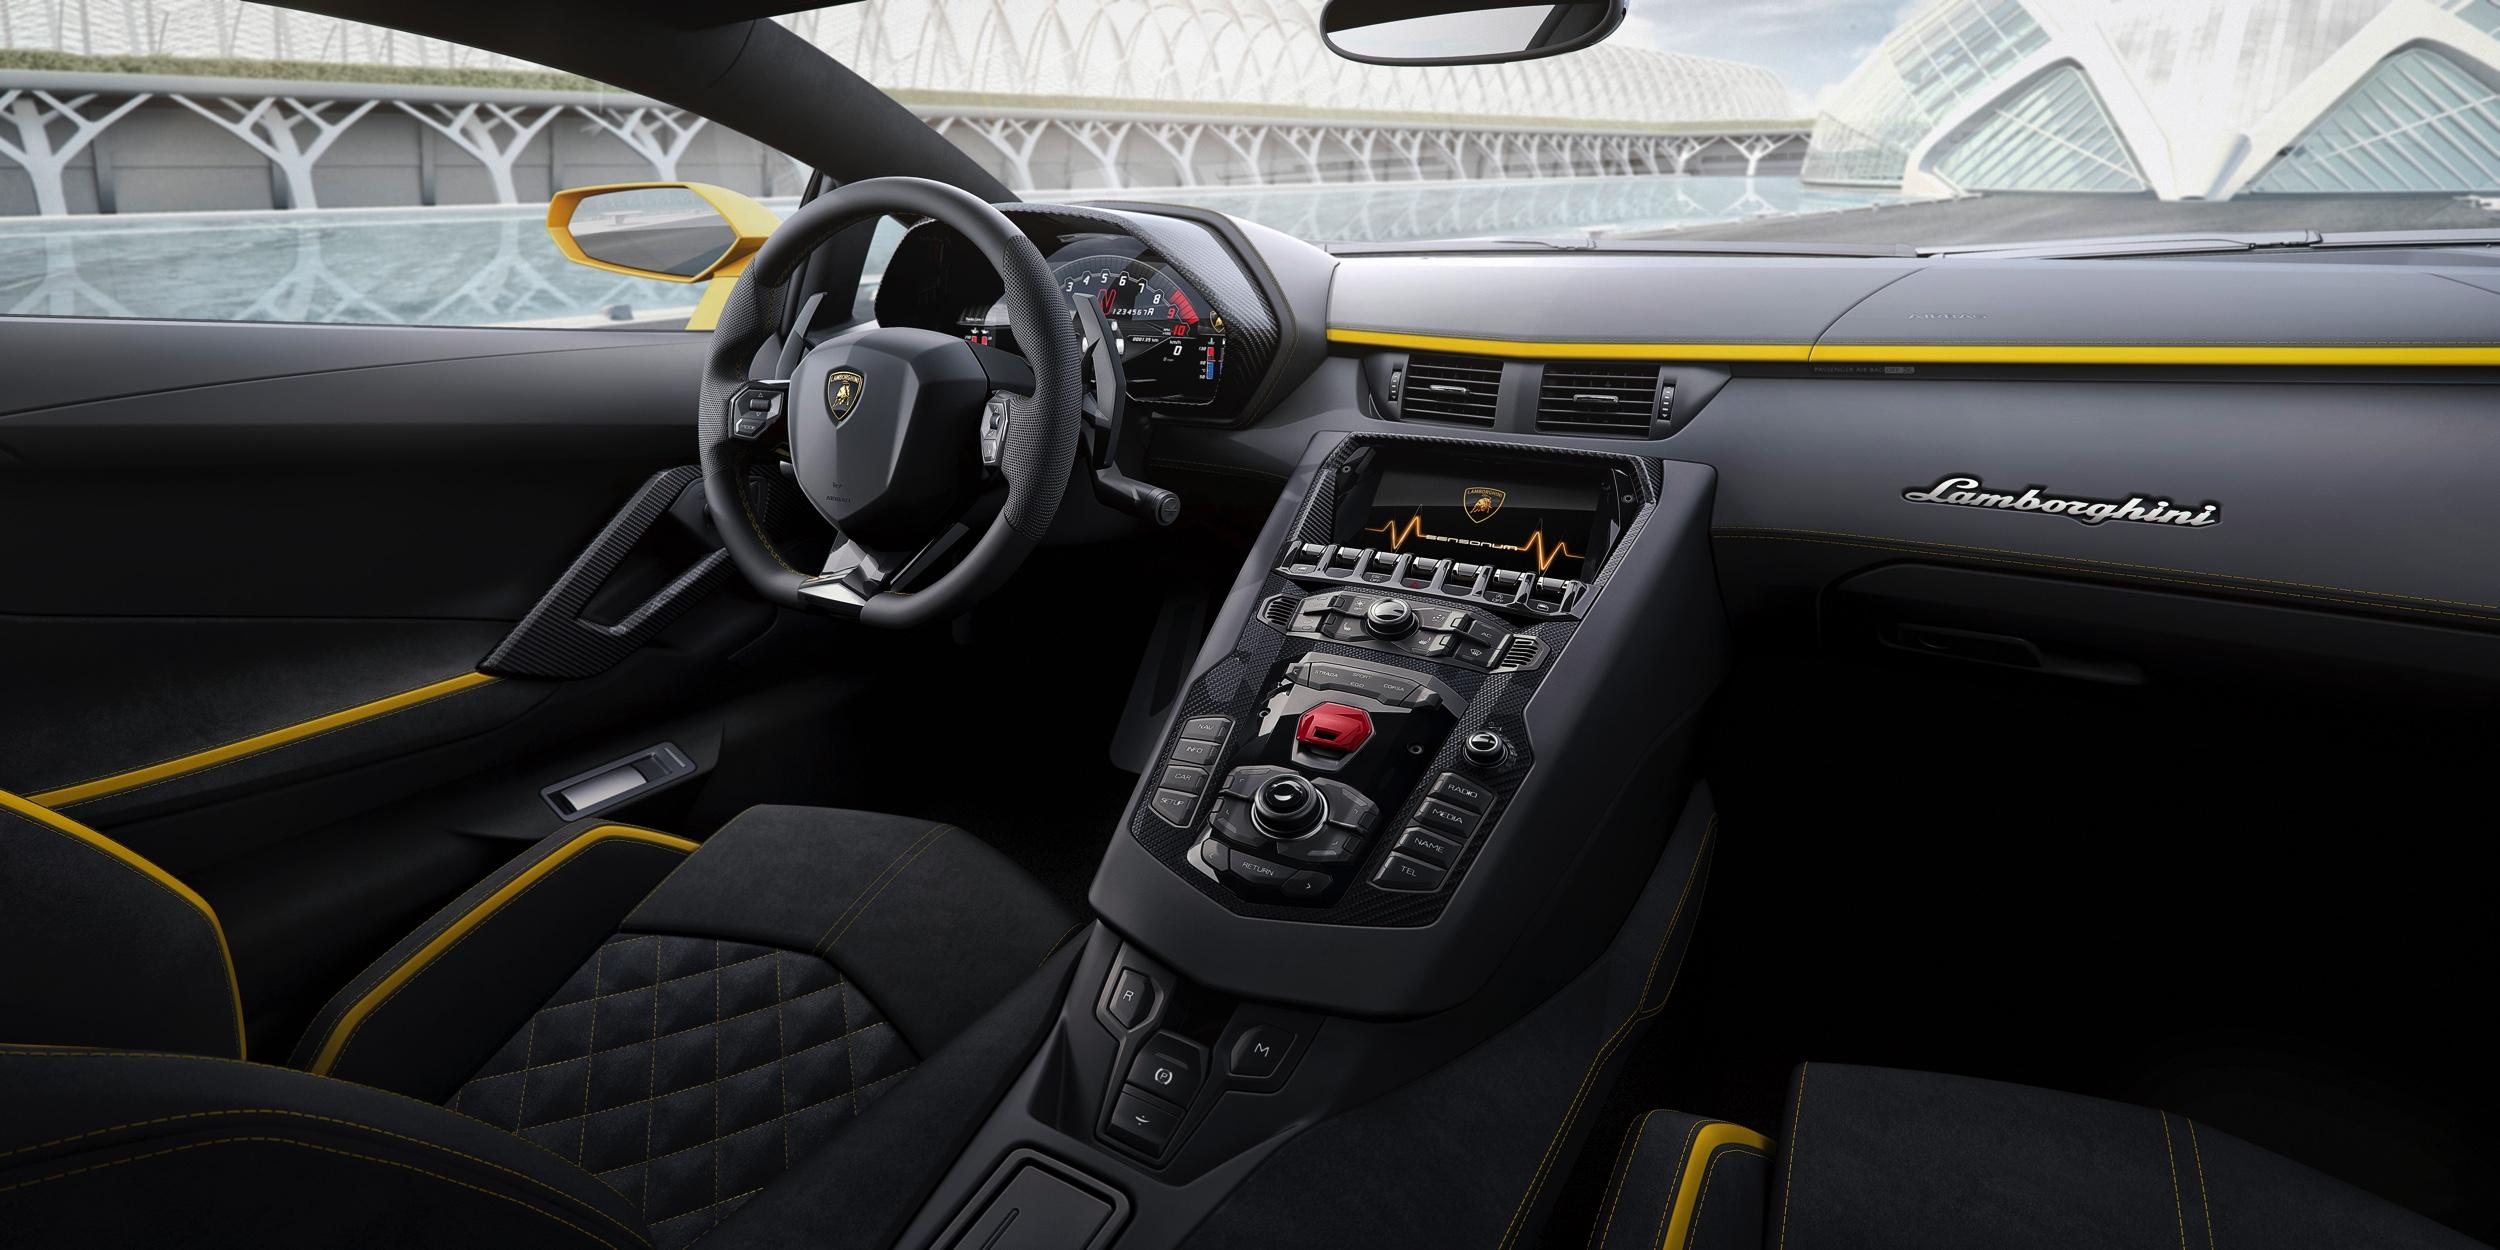 Lamborghini Aventador S interieur - Autovisie.nl